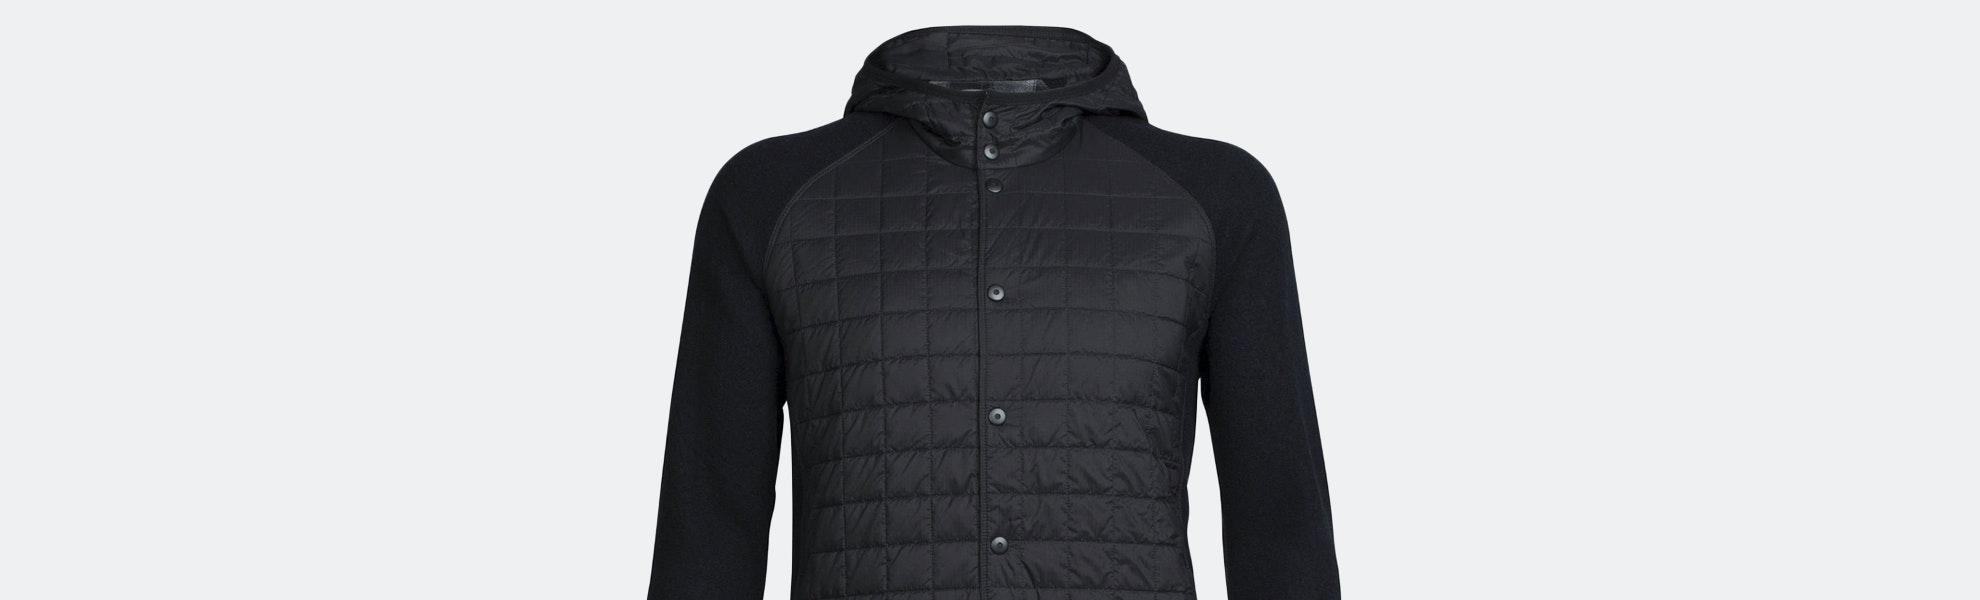 Icebreaker Men's & Women's Departure Jackets